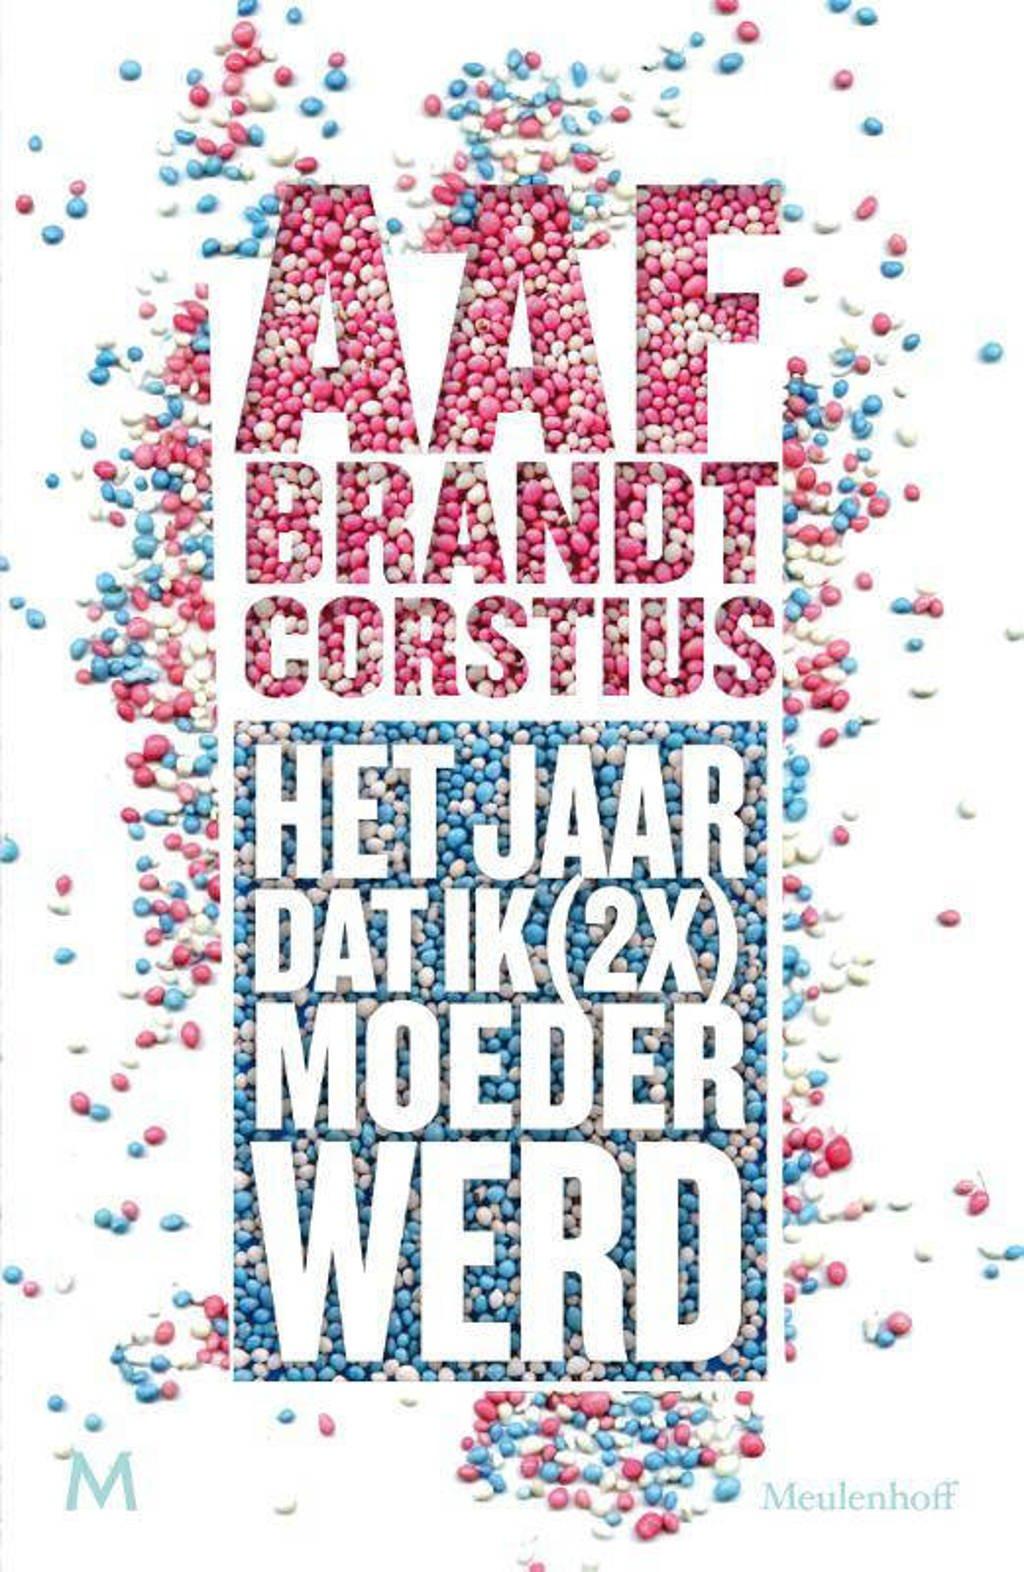 Het jaar dat ik (2x) keer moeder werd - Aaf Brandt Corstius